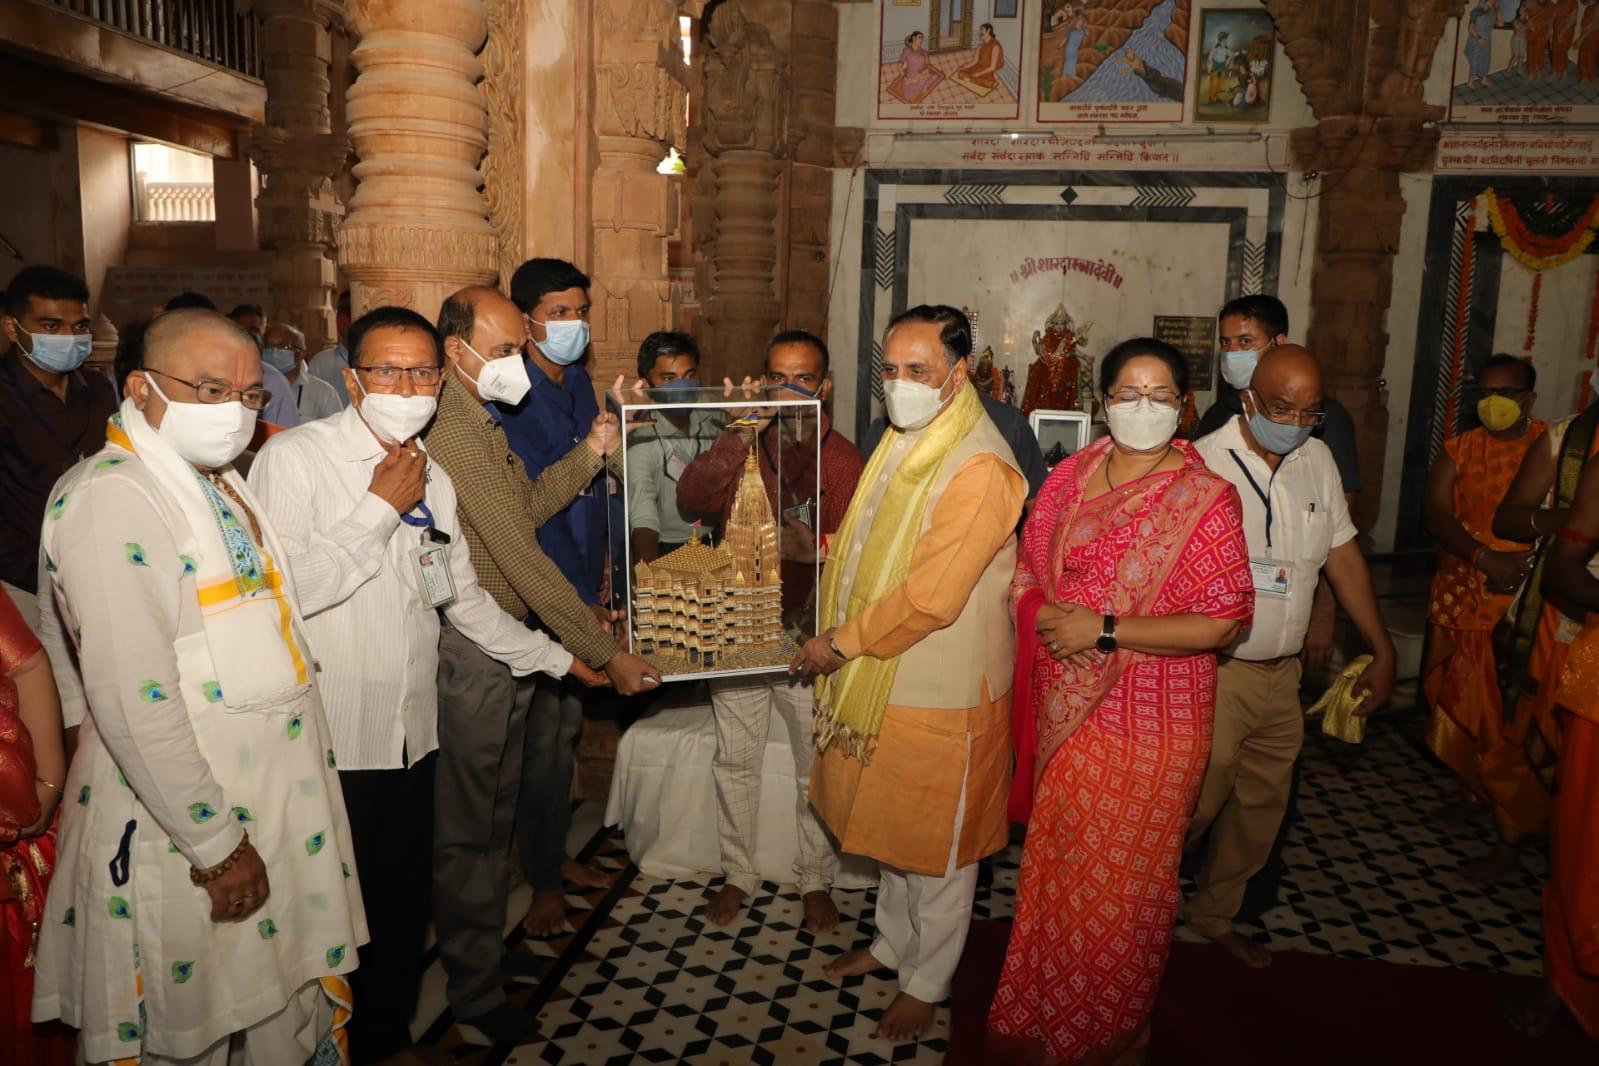 મંદિરના ટ્રસ્ટીઓએ મુખ્યમંત્રીને સ્મૃતિ ભેટ અર્પણ કરી